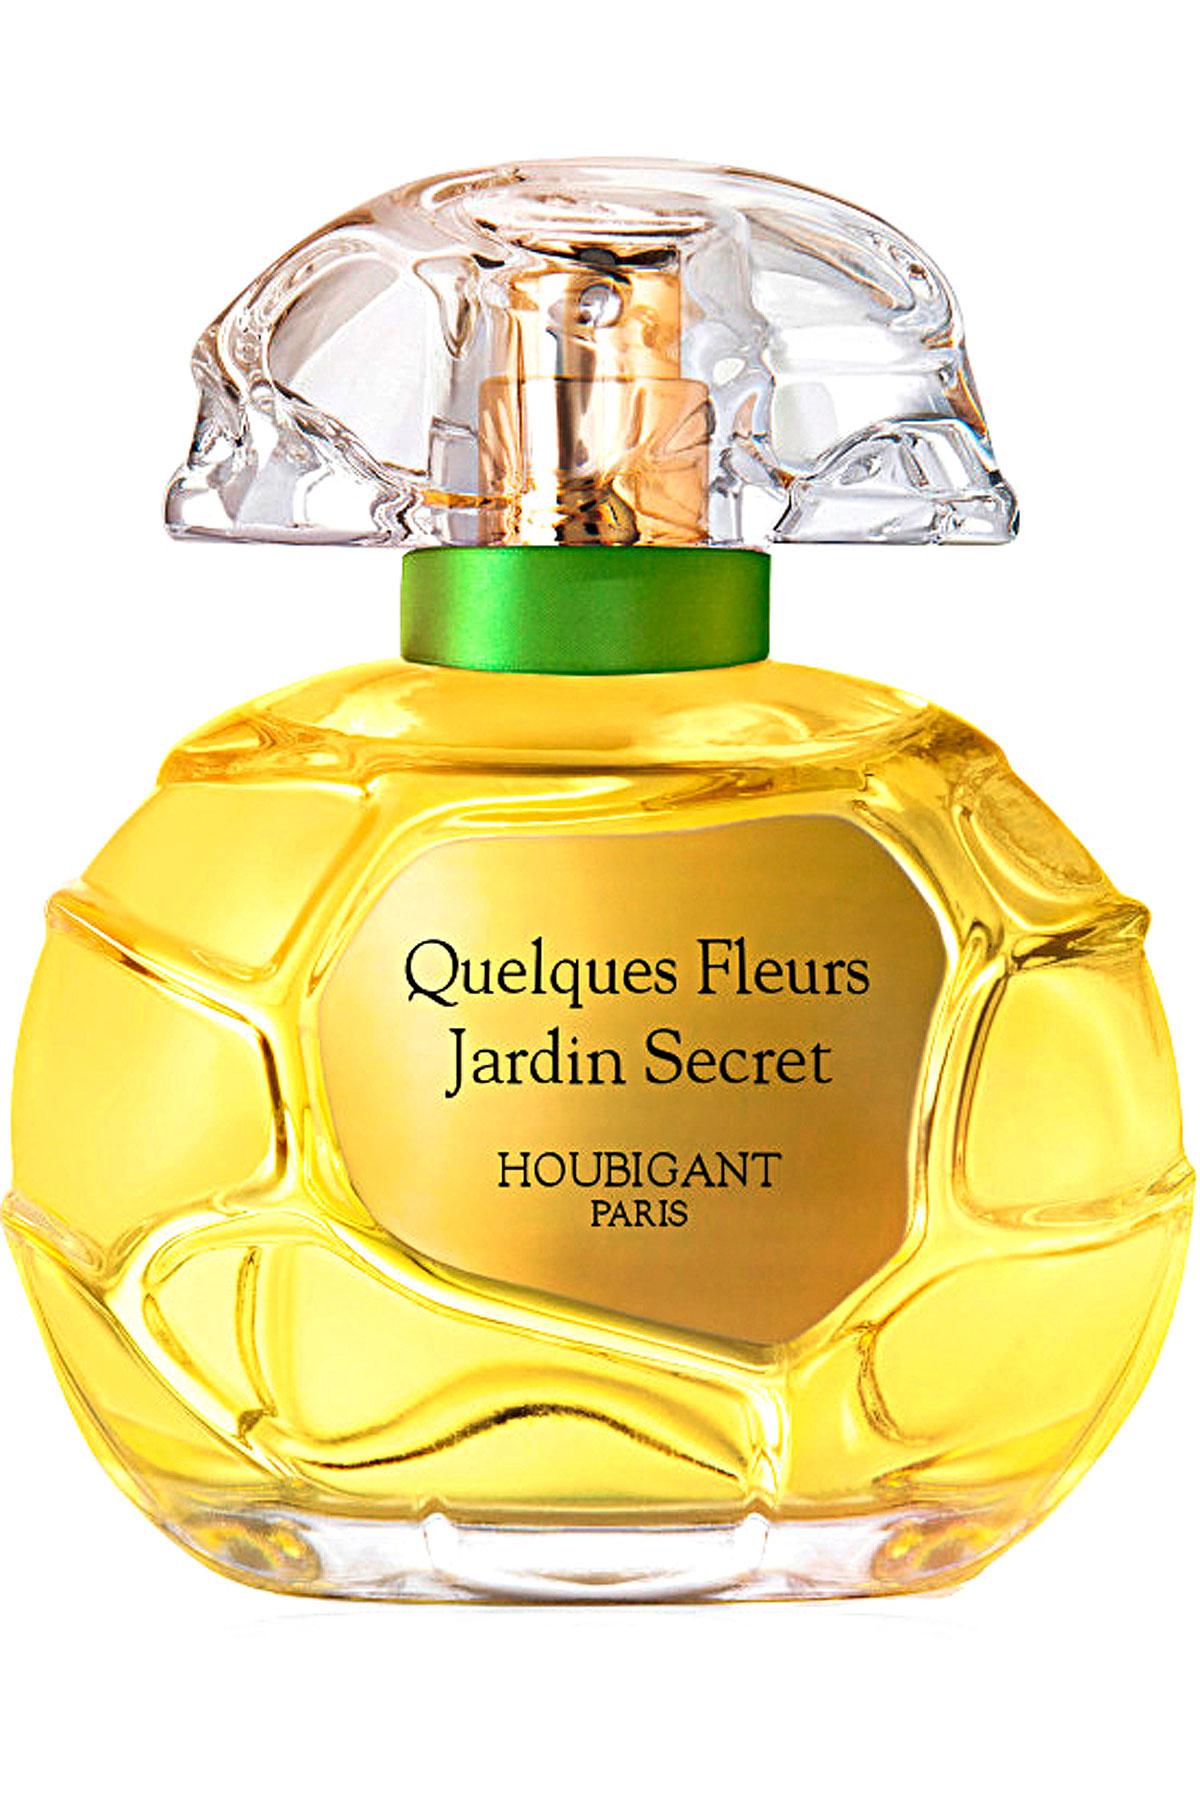 Houbigant Paris Fragrances for Women, Quelques Fleurs Collection Privee - Eau De Parfum Extreme - 100 Ml, 2019, 100 ml